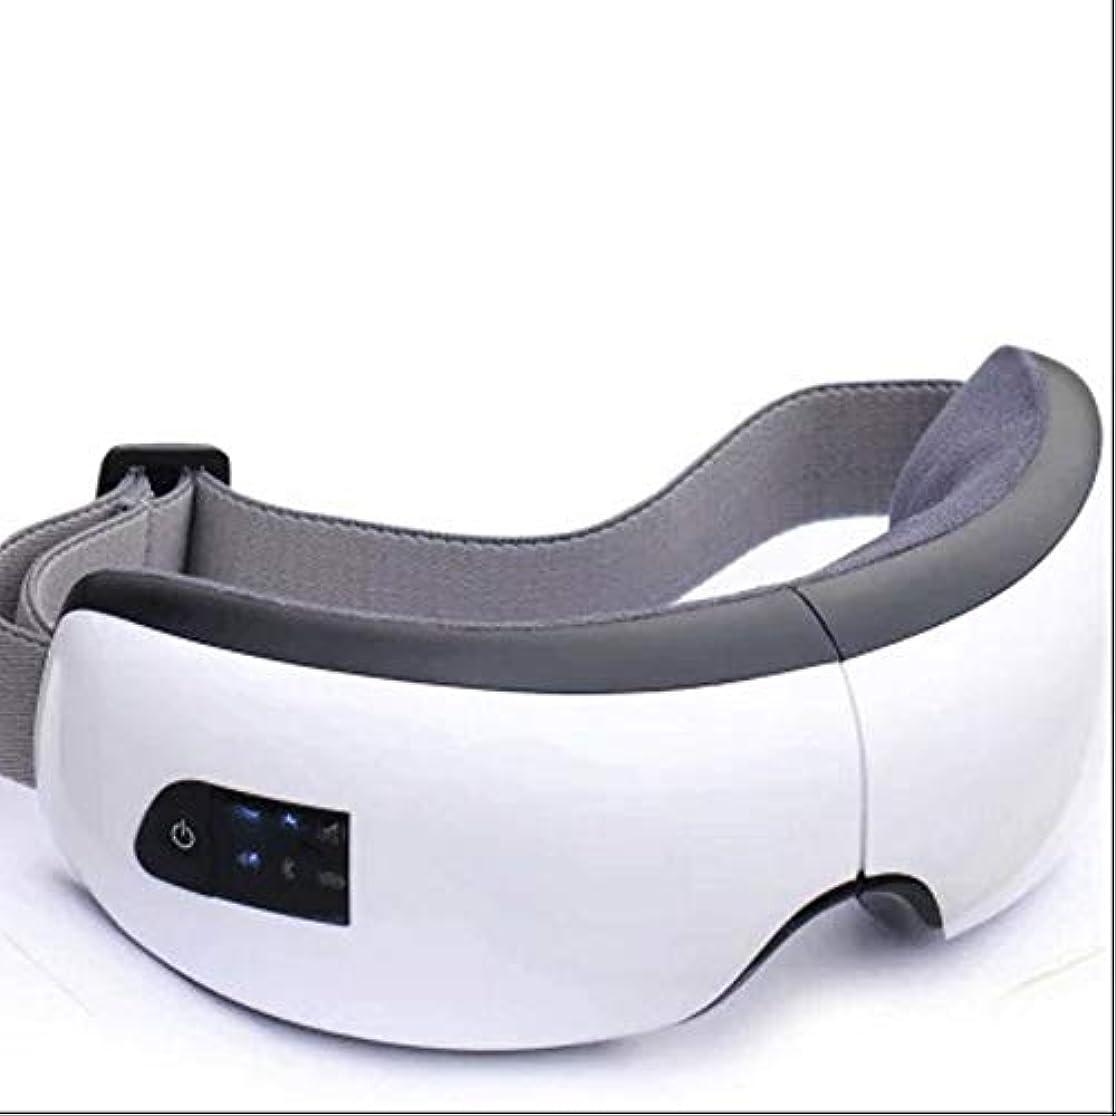 マージねばねば失望JJYPY 電気目のマッサージャーの振動マッサージの頭部の圧力救助は睡眠を改善します